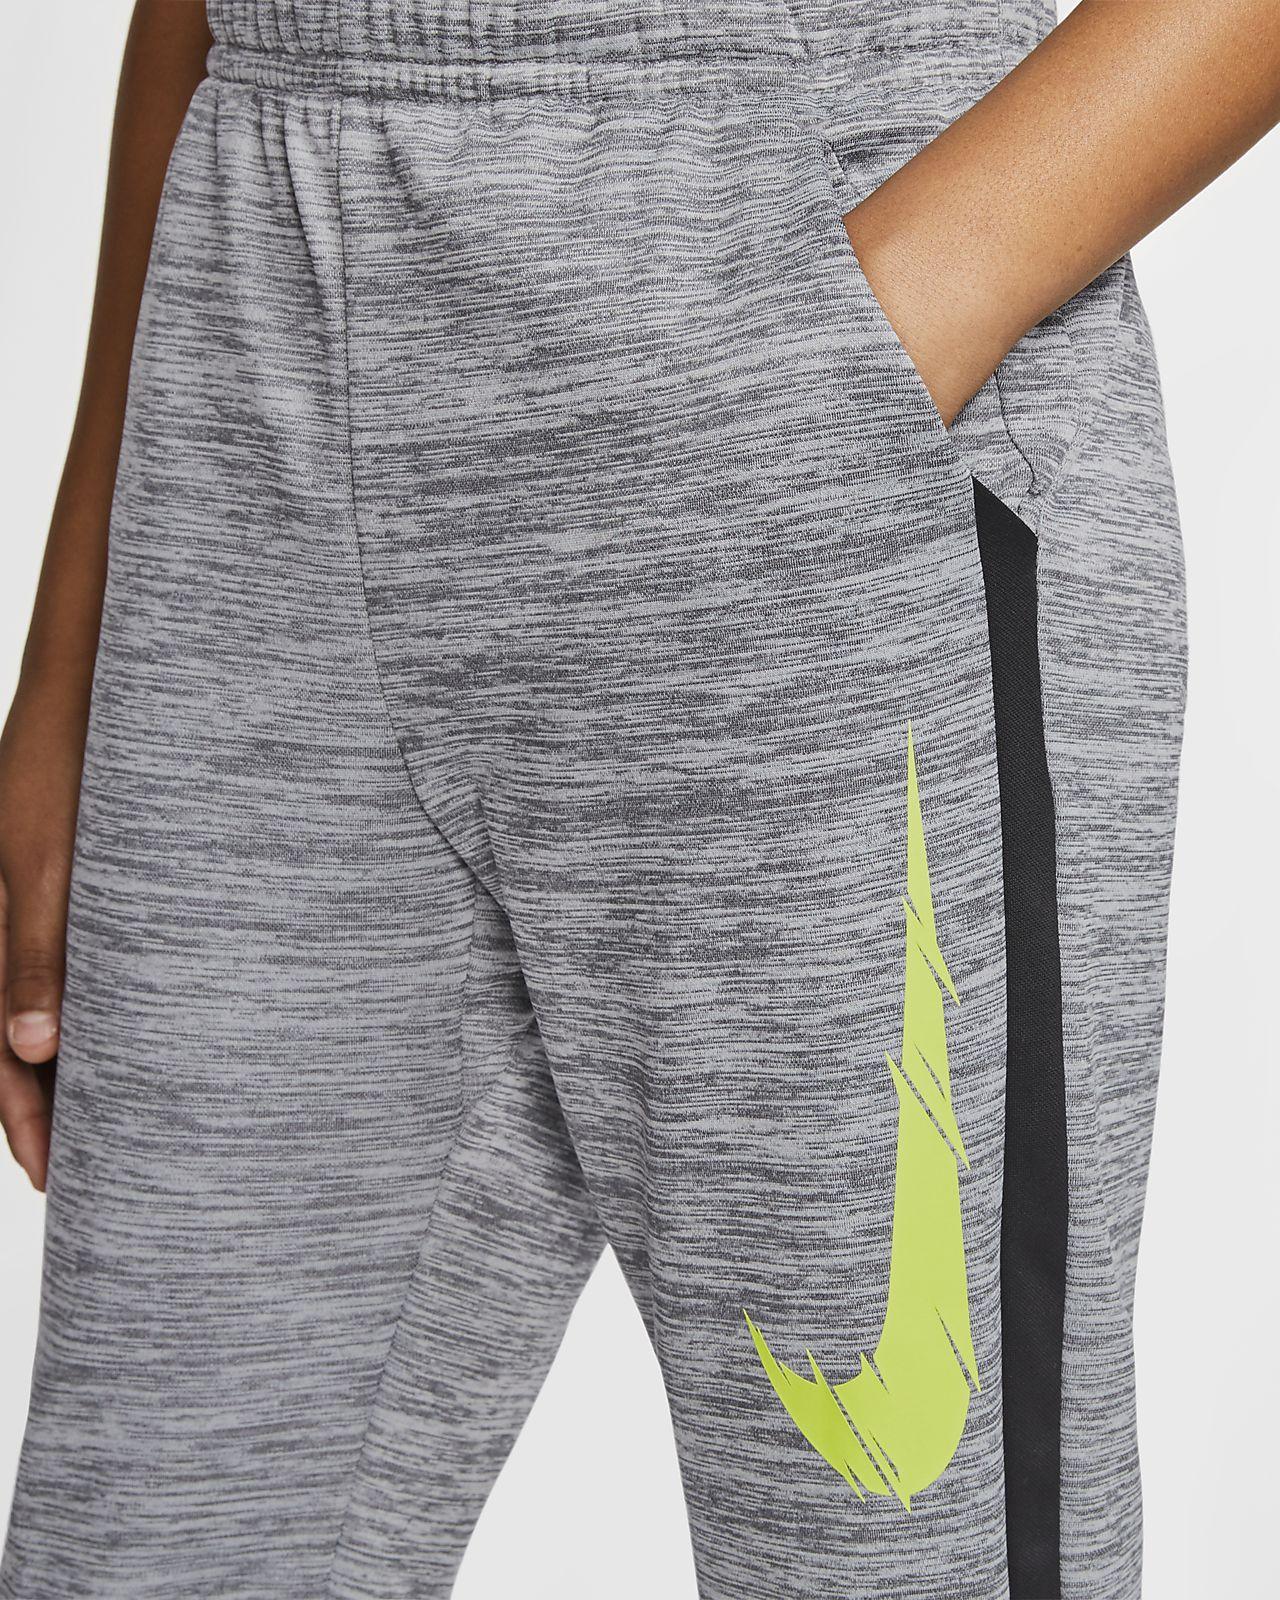 Nike Therma schmal zulaufende Trainingshose mit Grafik für ältere Kinder (Jungen)